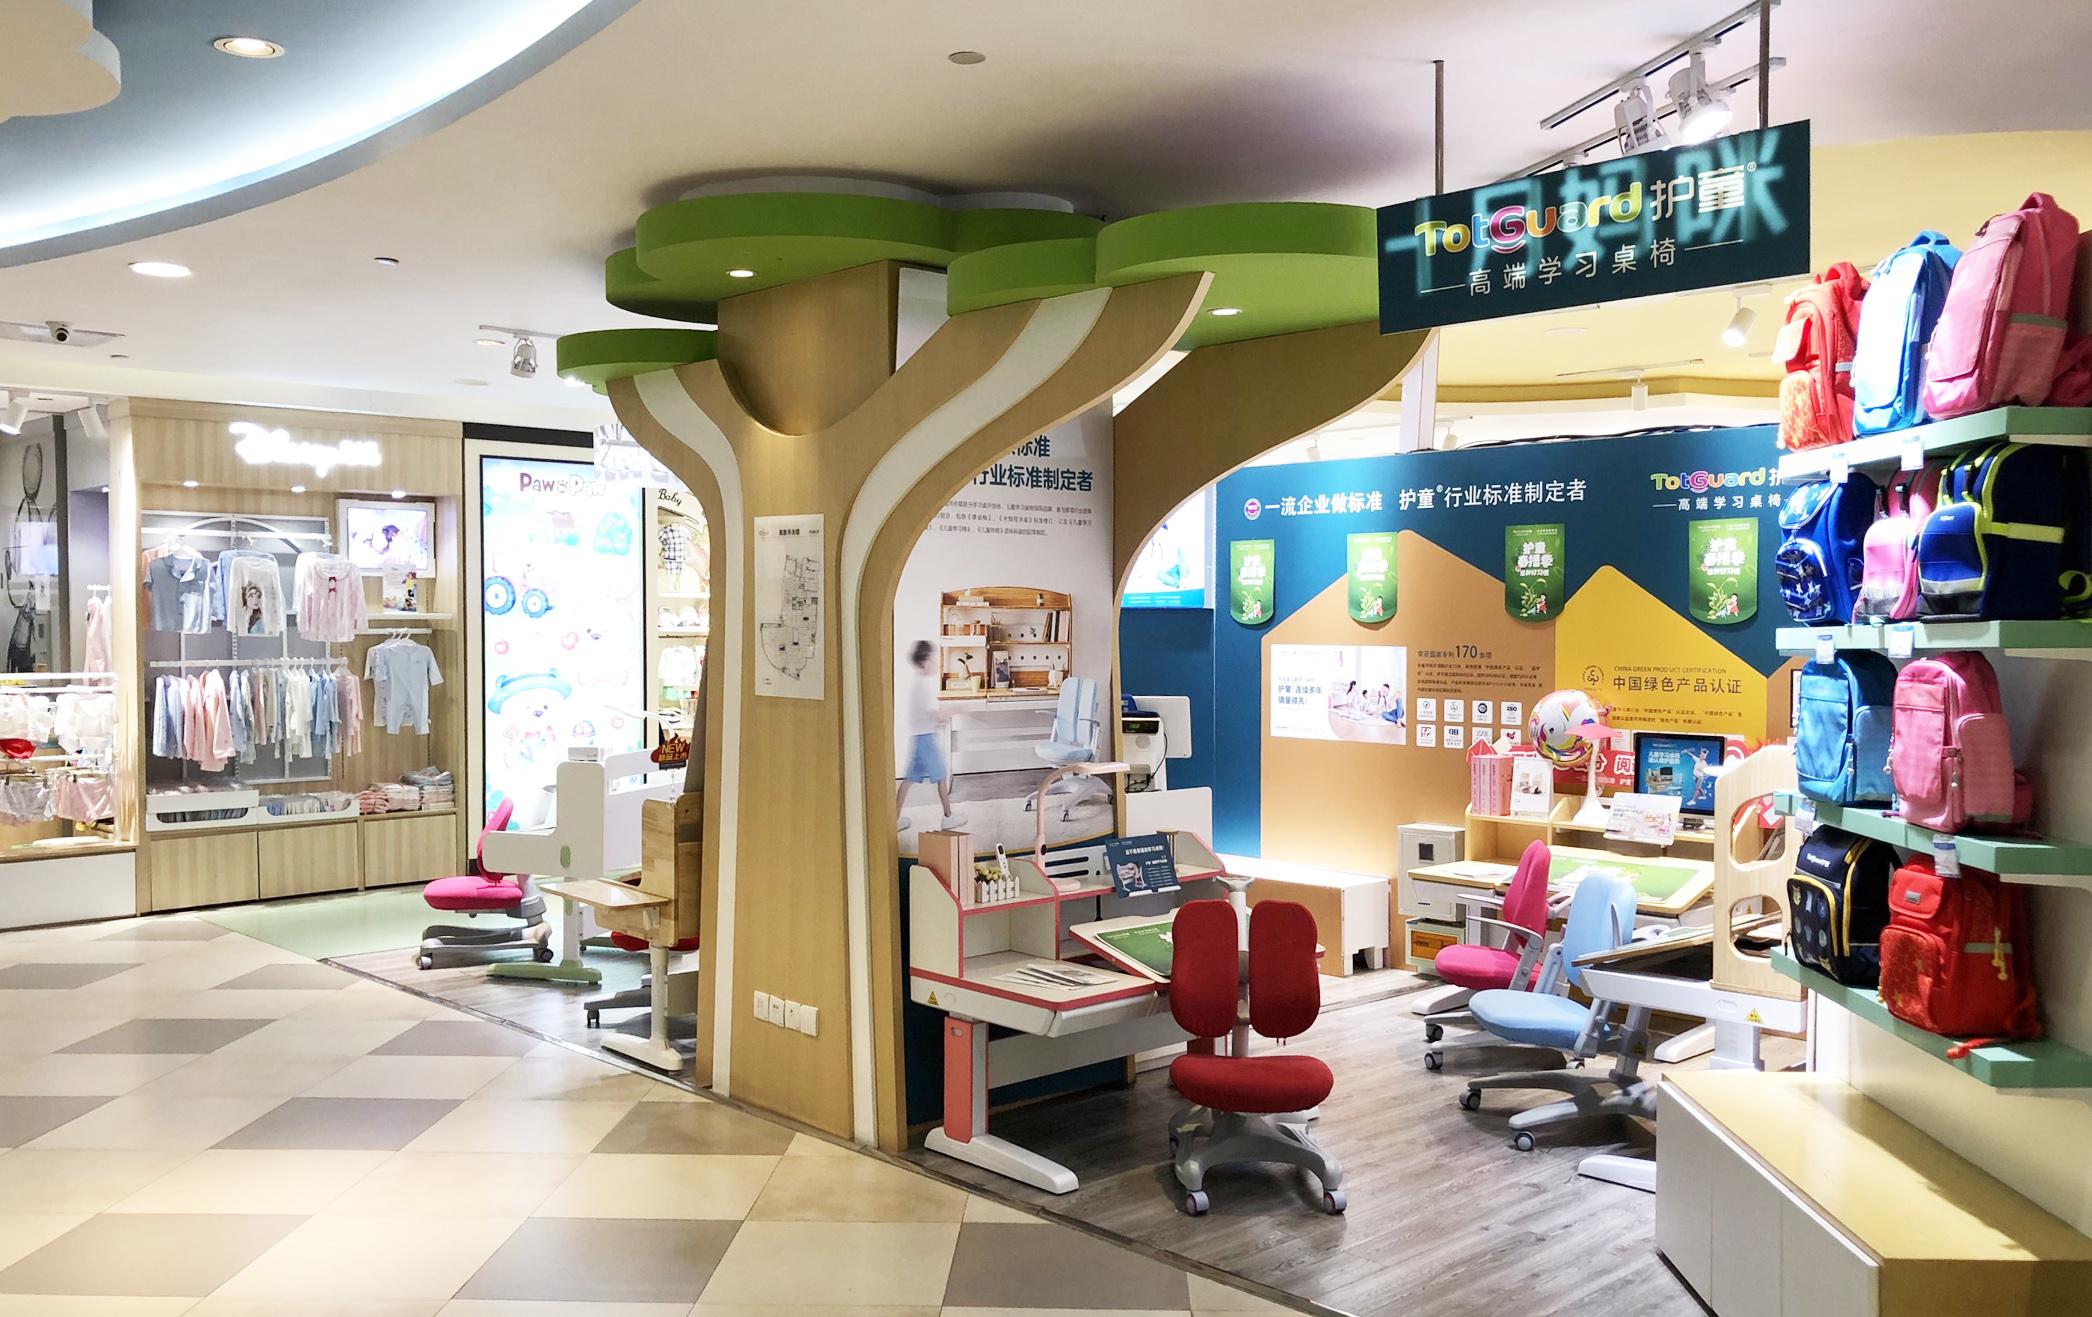 热烈祝贺护童第2171家南京新街口中央商场护童专柜盛大开业!